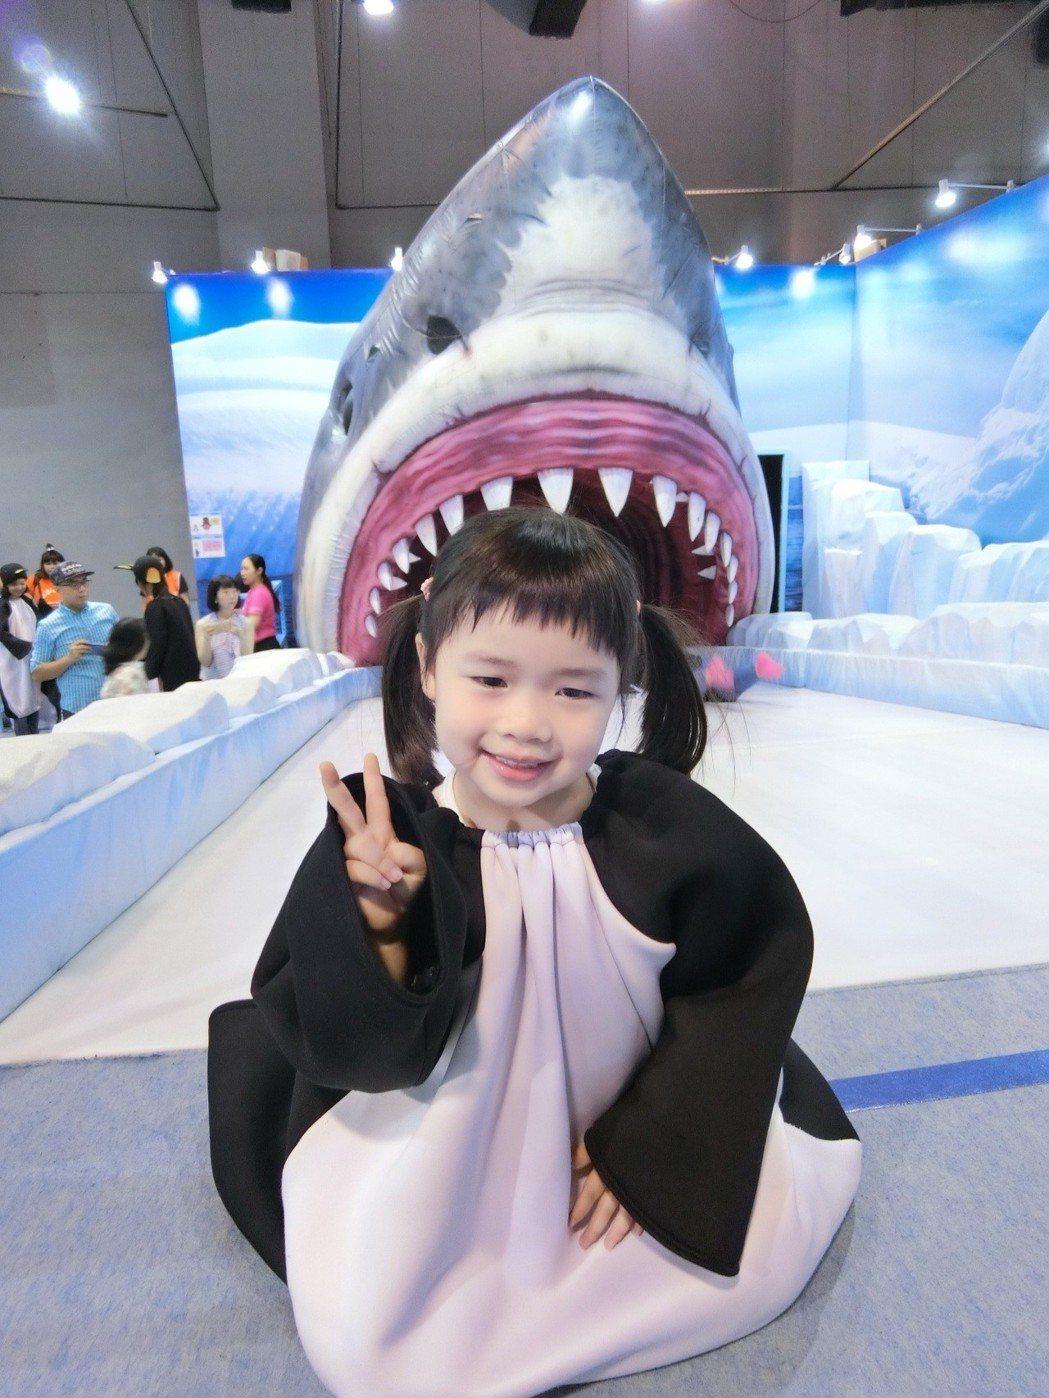 小朋友變身成為企鵝,學習企鵝用腹部滑行,準備往鯊魚的大嘴巴裡滑去,刺激又好玩。 ...